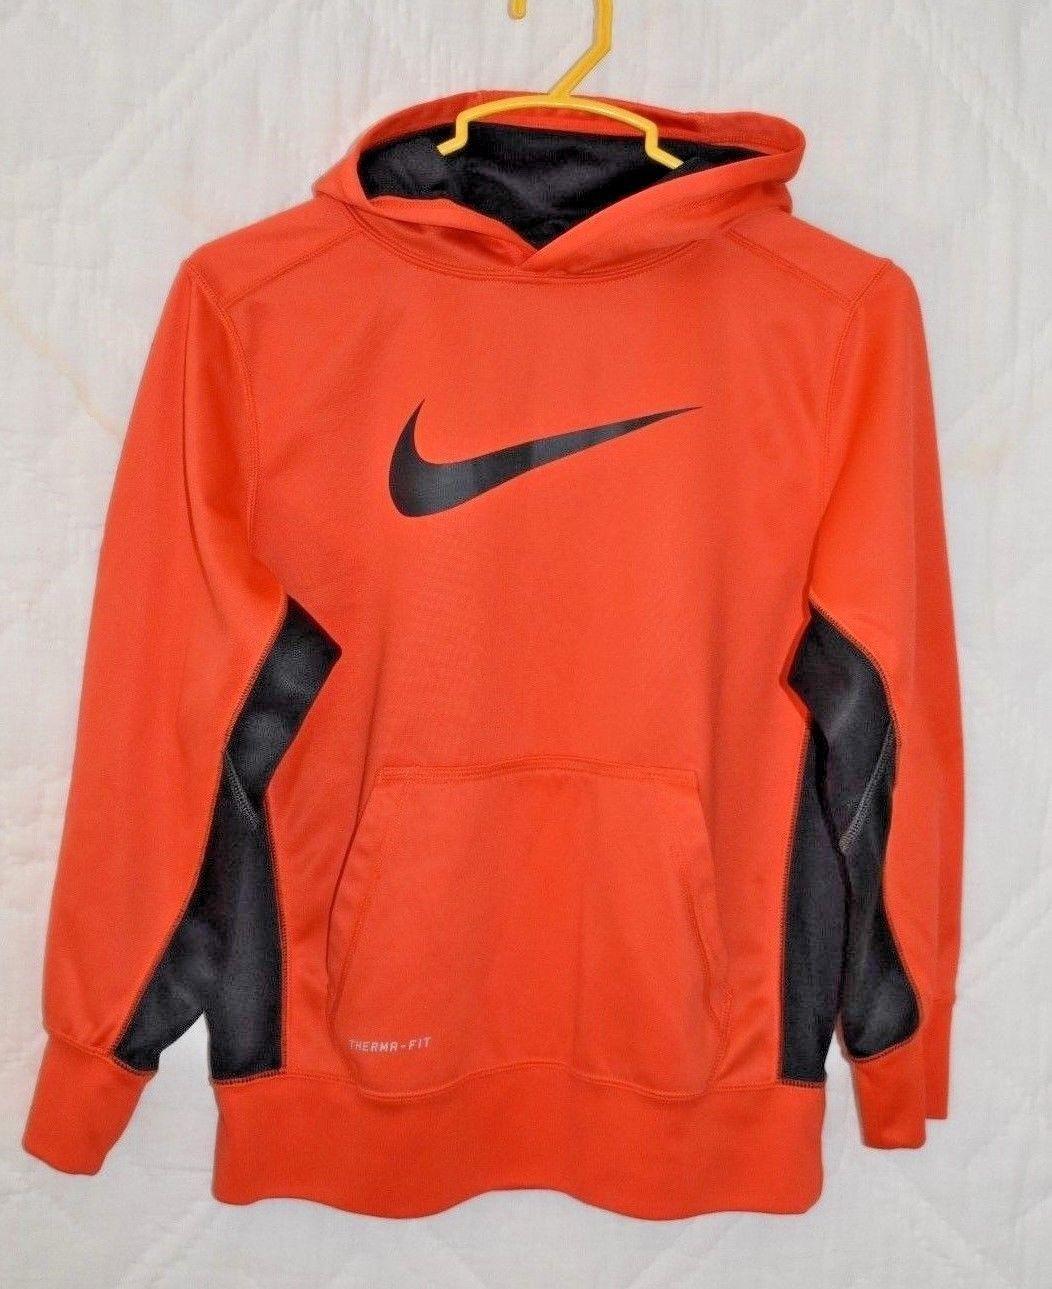 Nike Therma-FIT Hoodie Boys